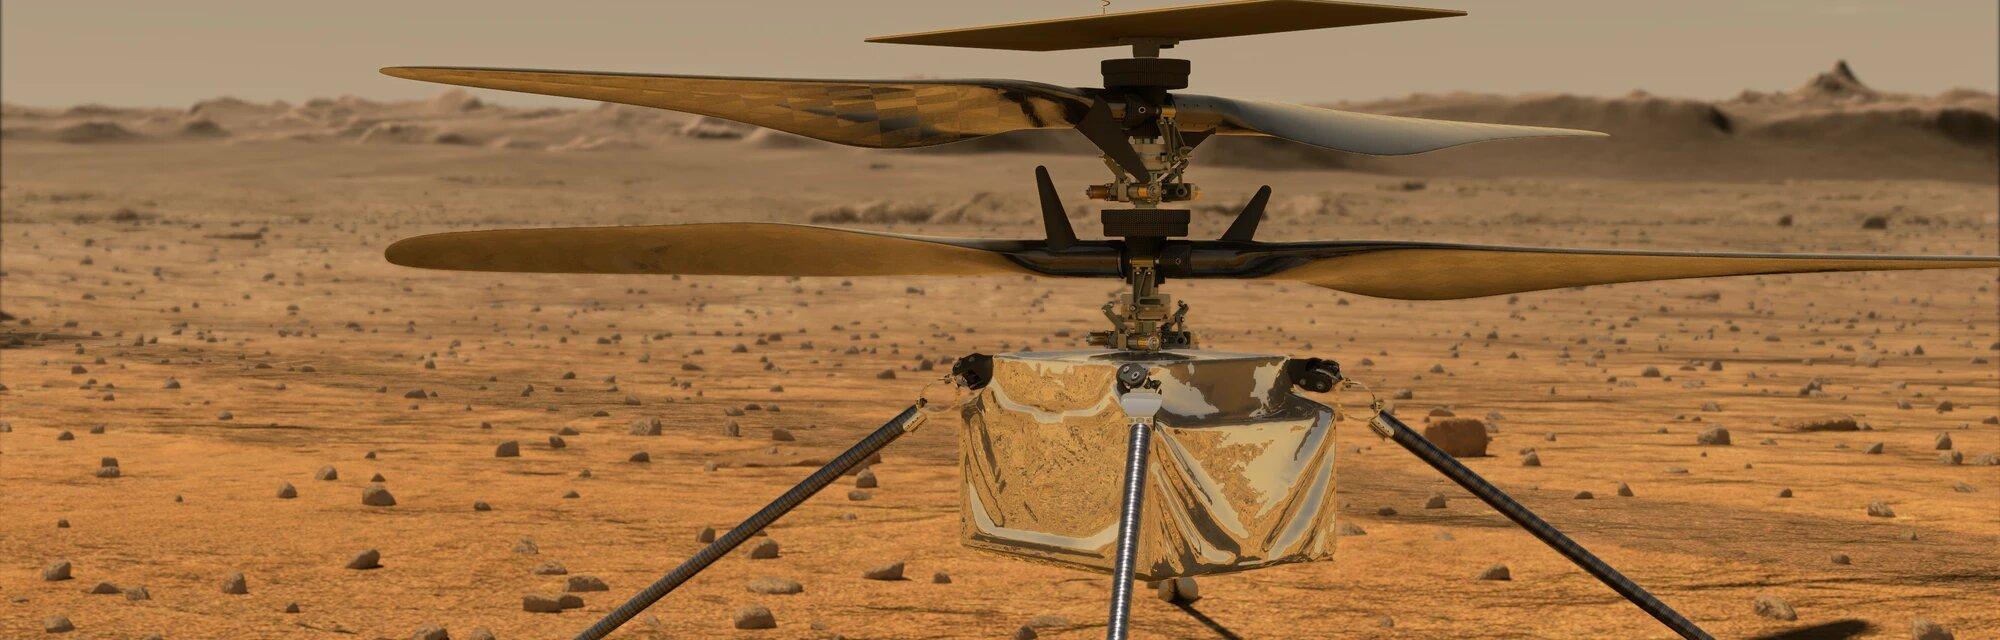 Ingenuity - Linux και open-source έφτασαν στον Άρη